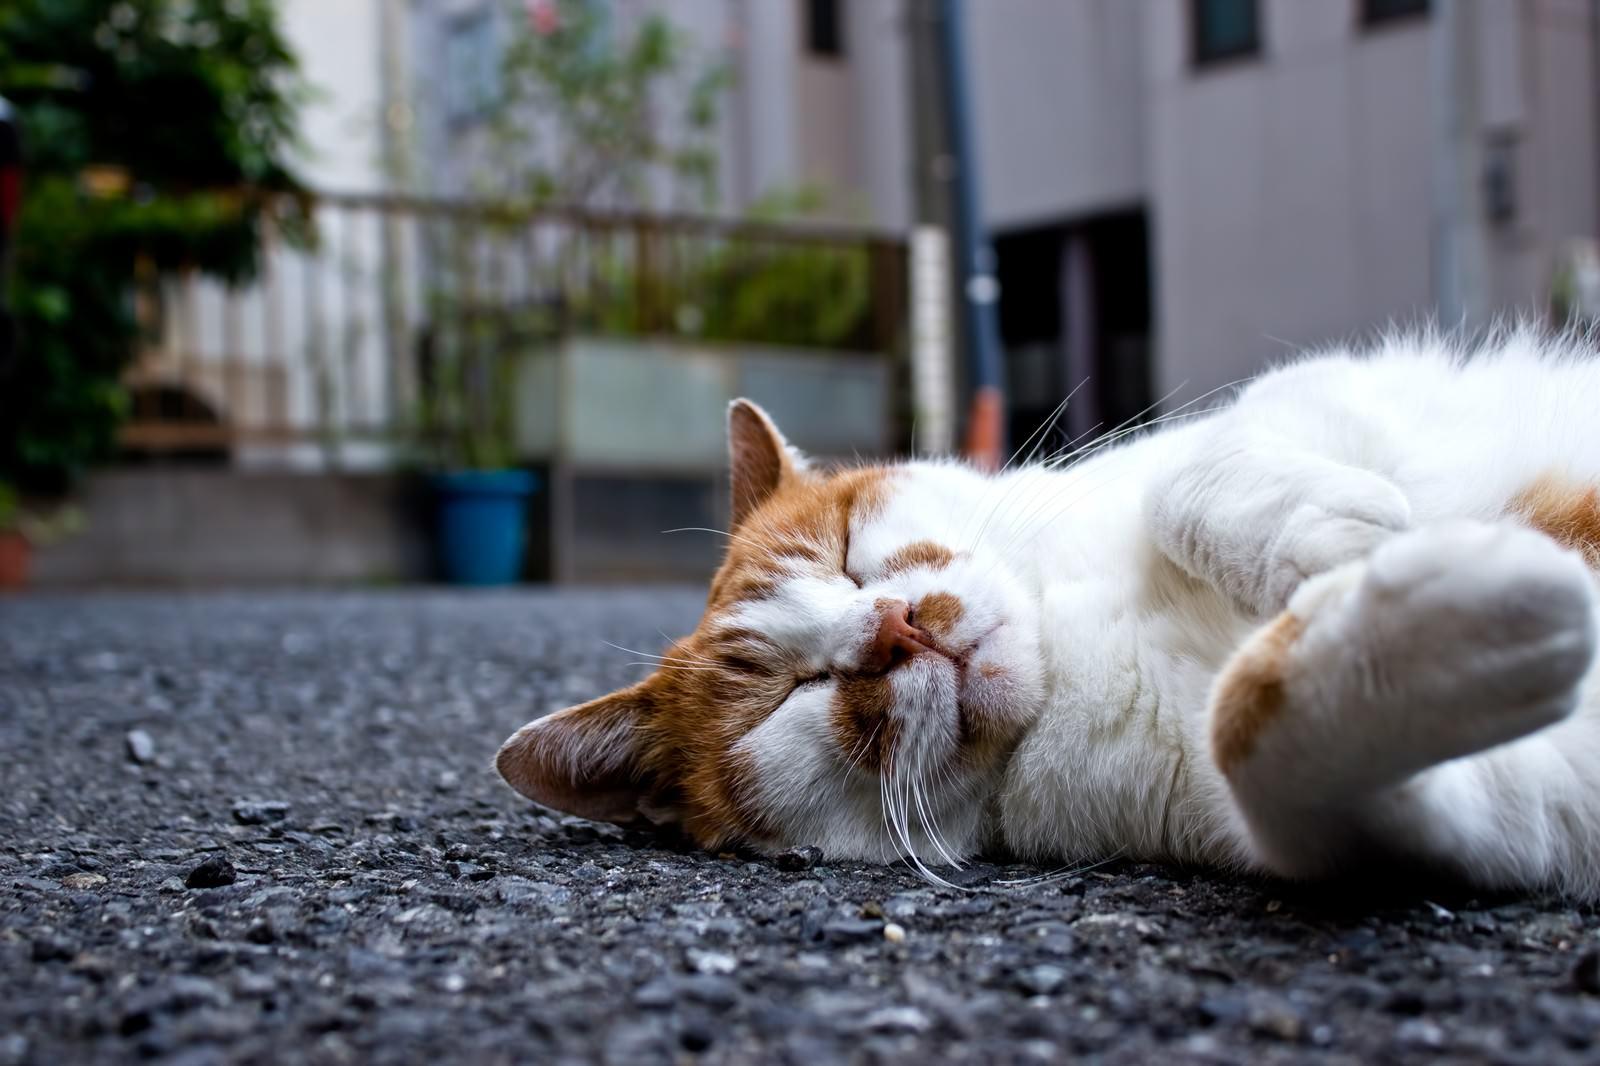 「爆睡している猫爆睡している猫」のフリー写真素材を拡大